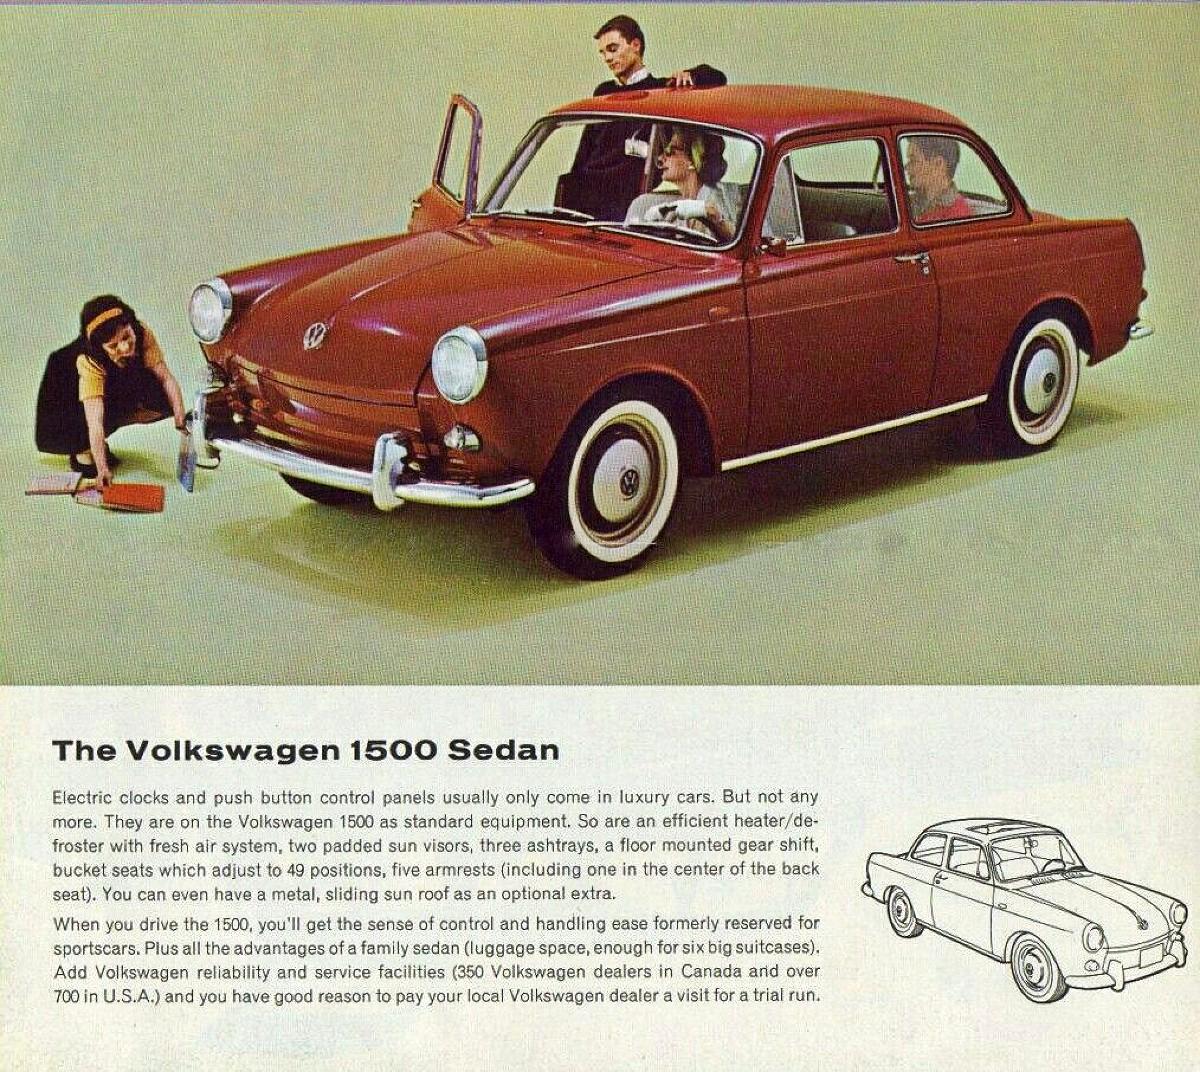 VW 1500 sedan